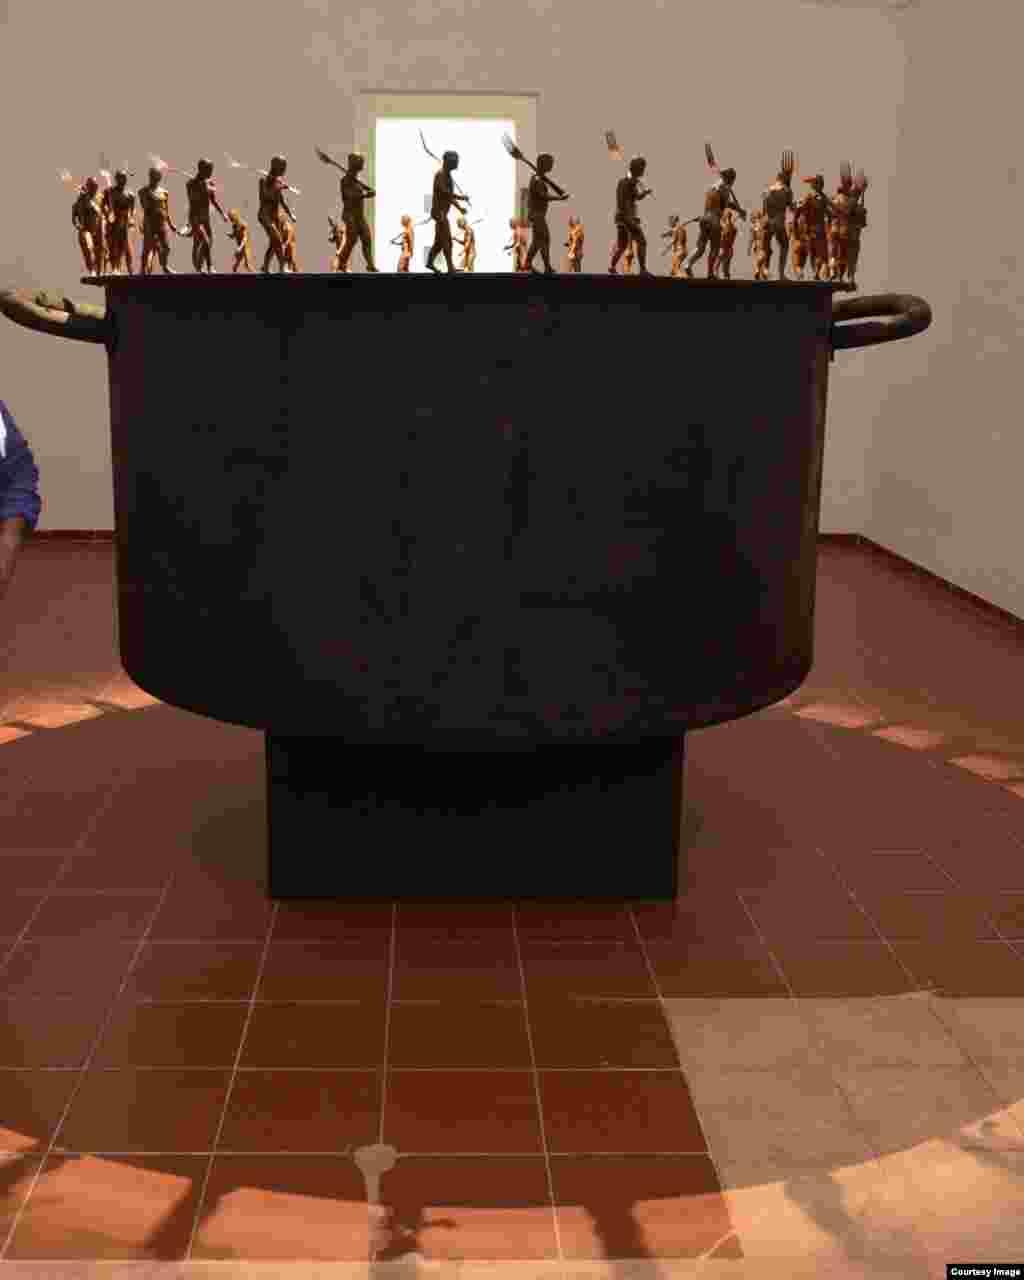 Obras de arte para la Bienal de La Habana.